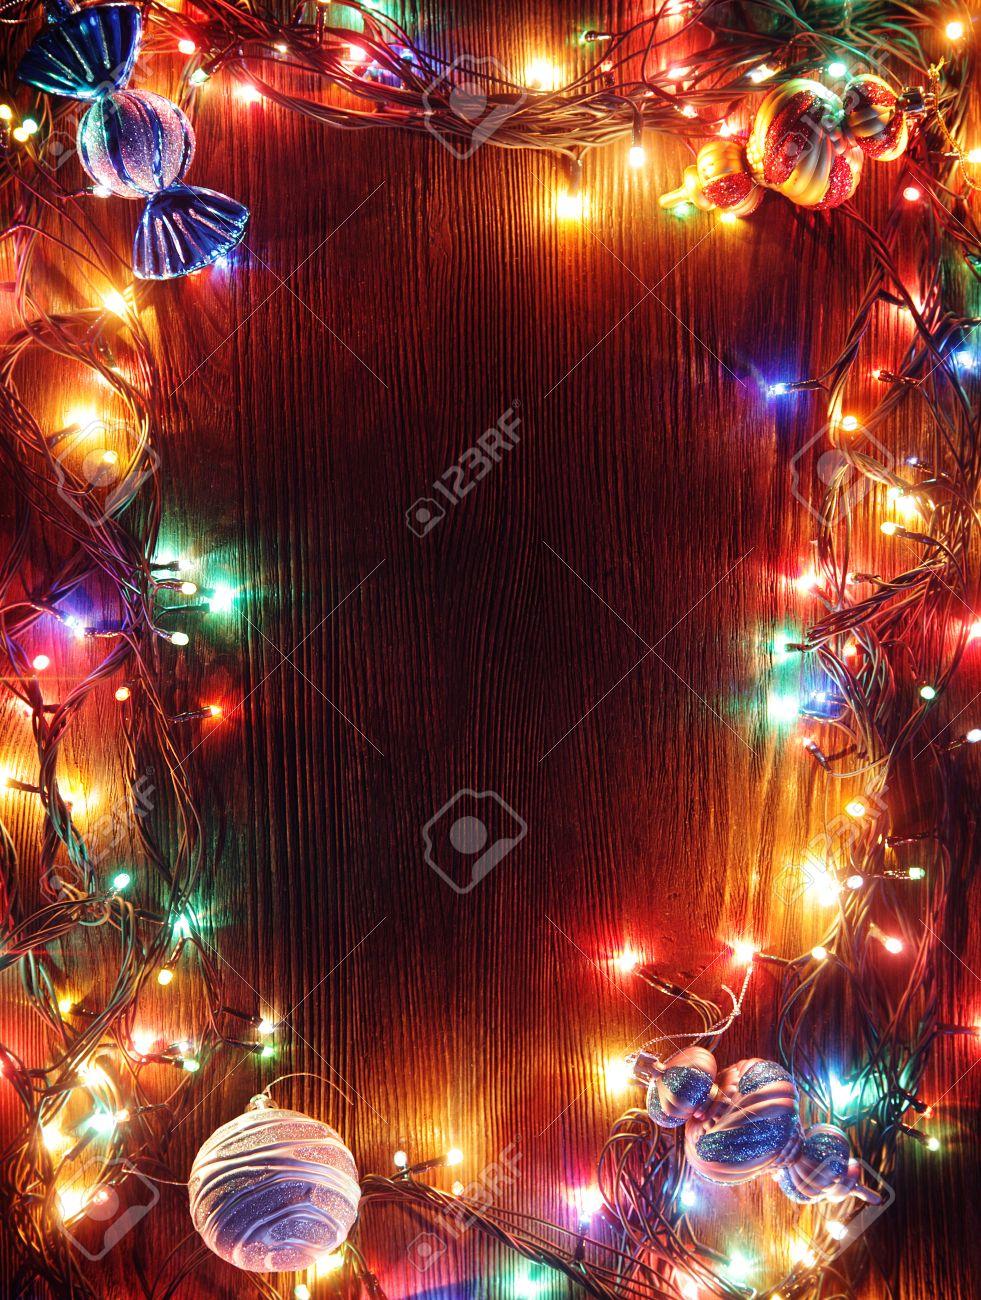 Afbeeldingsresultaat voor kerstversiering slingers en lampen